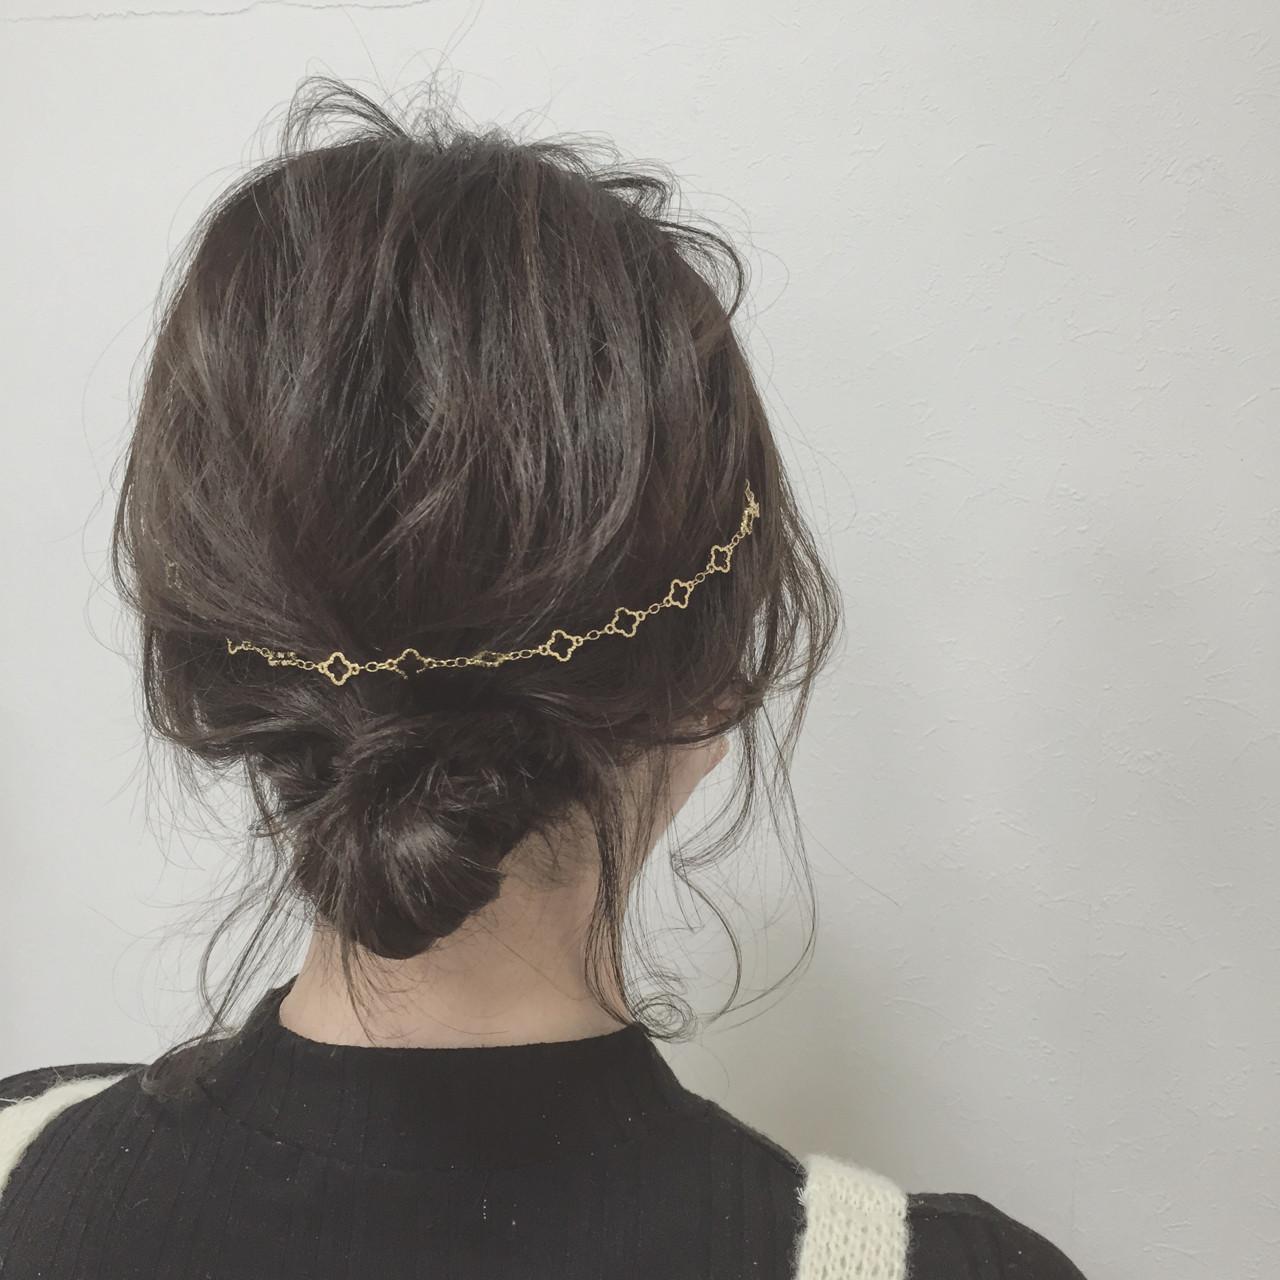 簡単に髪をまとめる方法とアレンジご紹介!ちゃちゃっとカワイクなっちゃう? 宮田 恵里香